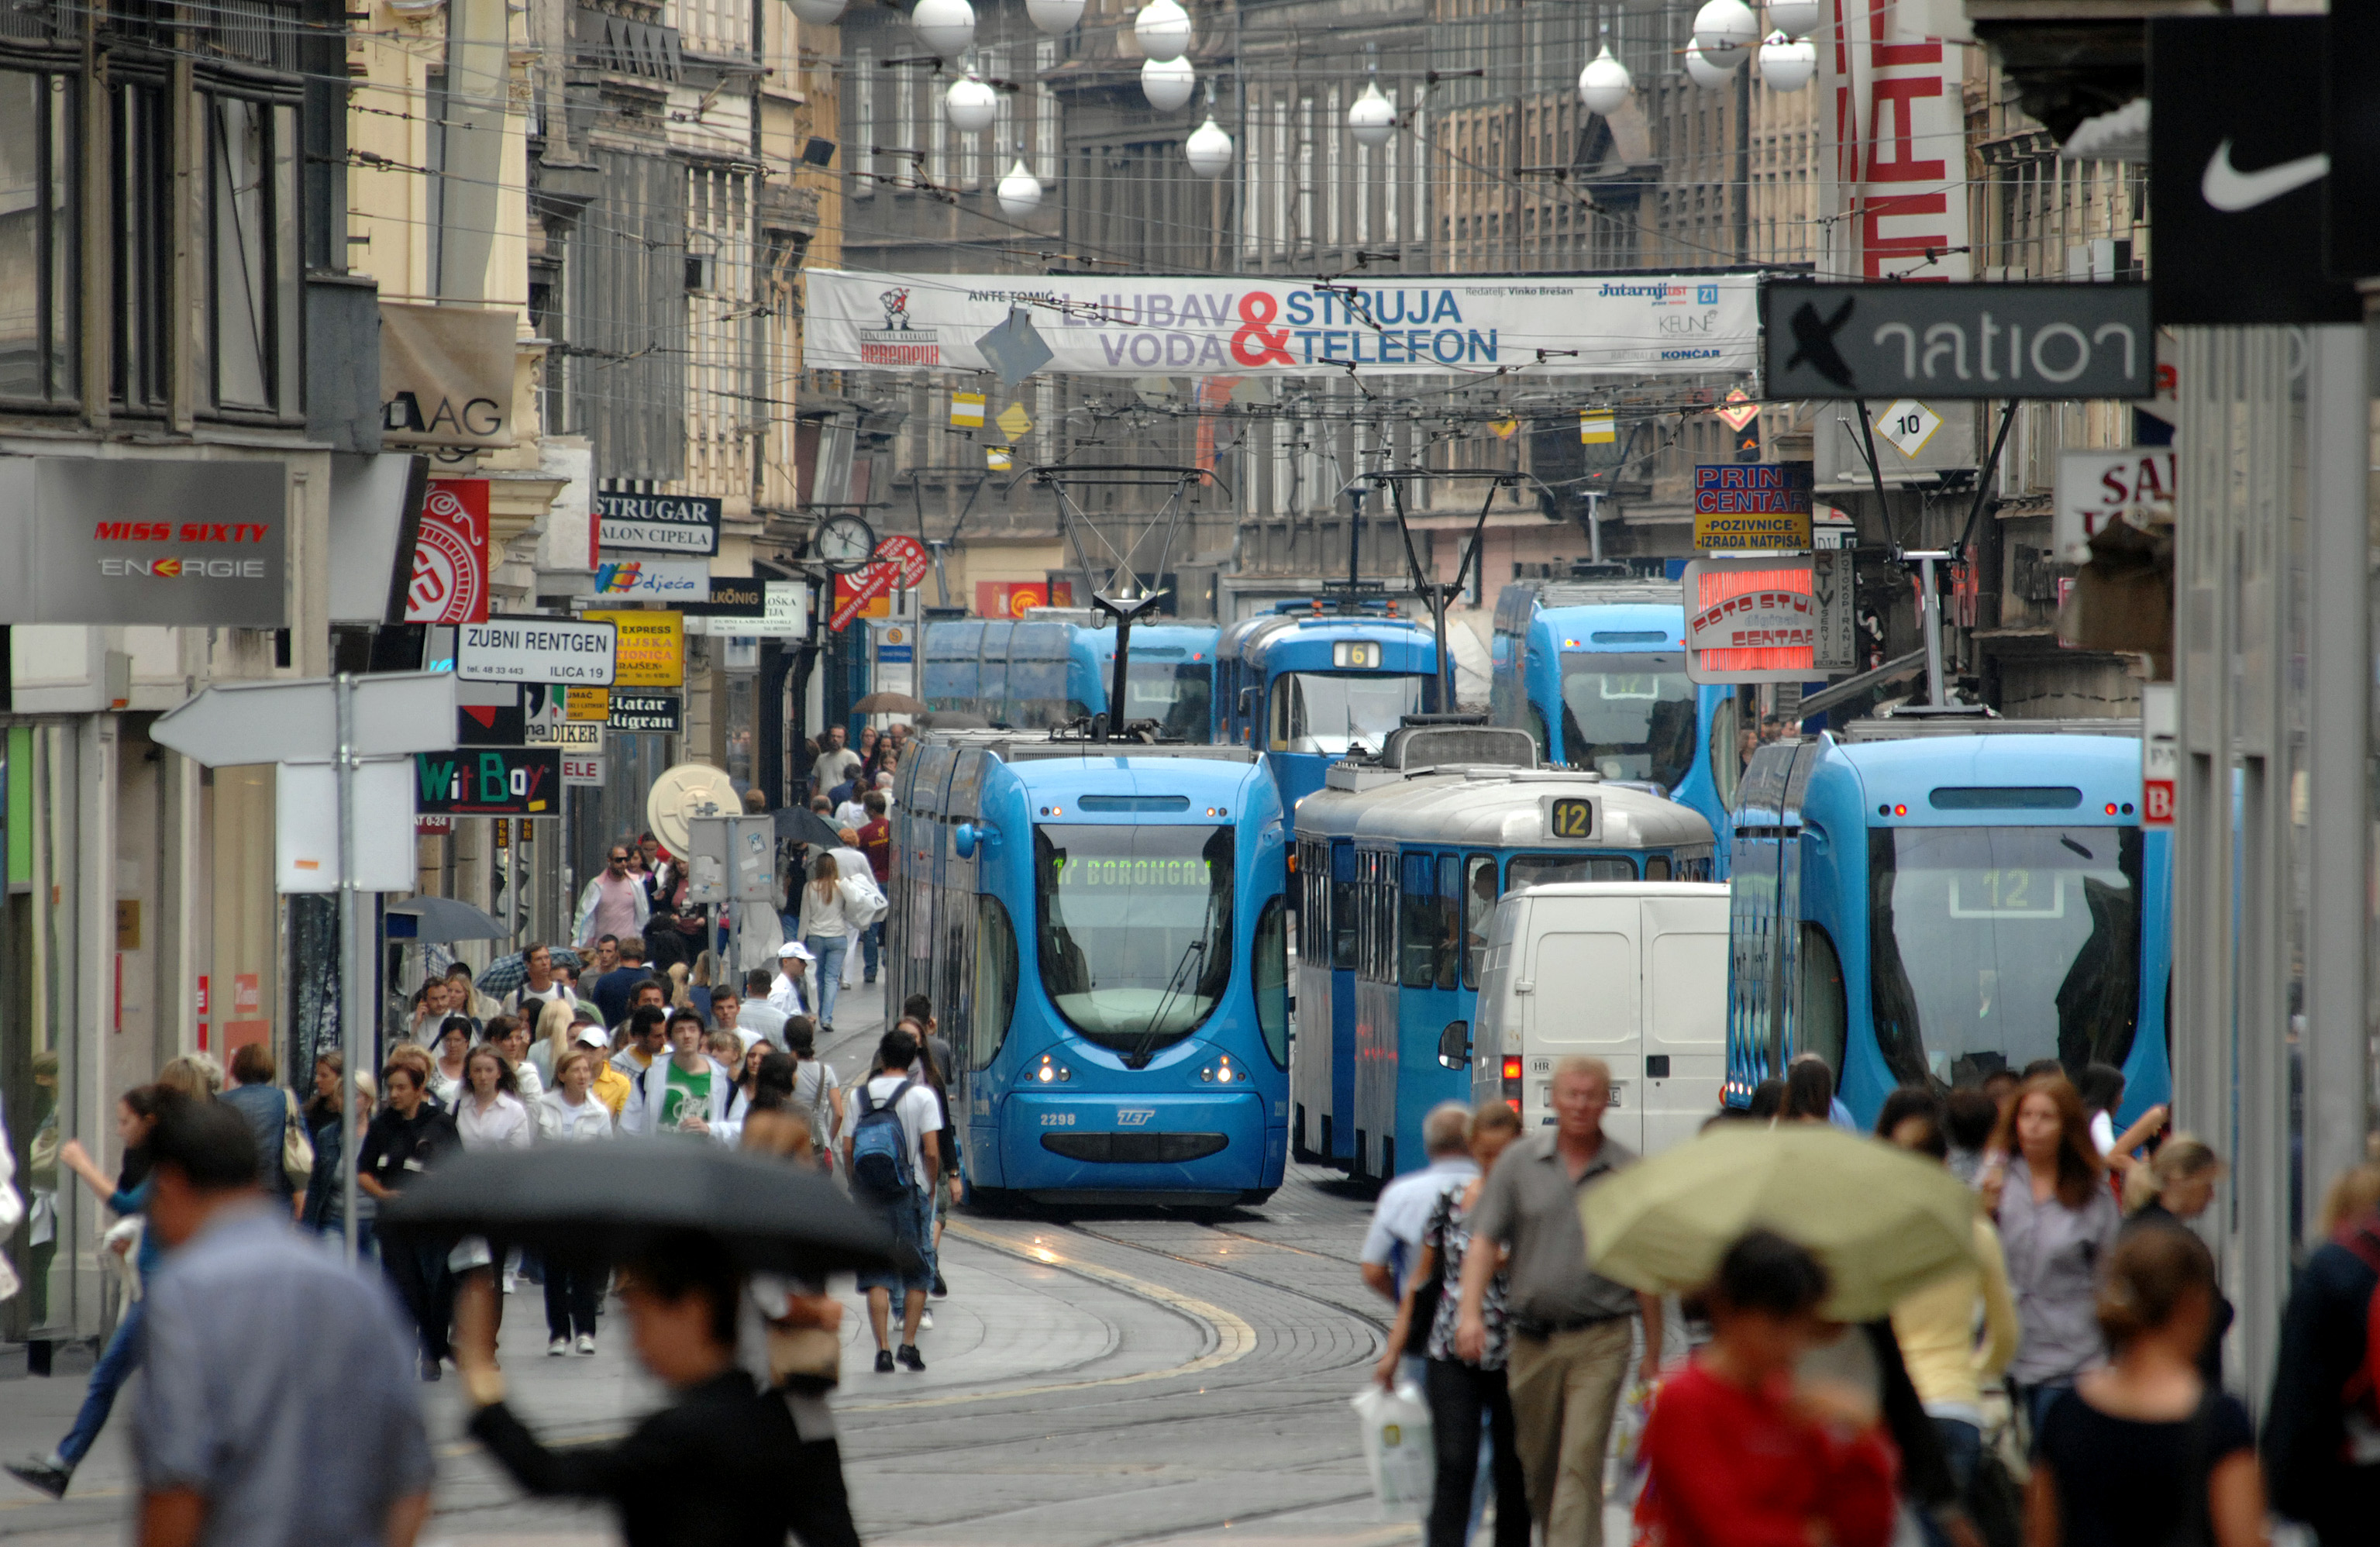 PUBLIC TRANSPORT IN ZAGREB foto : Denis Lovrović